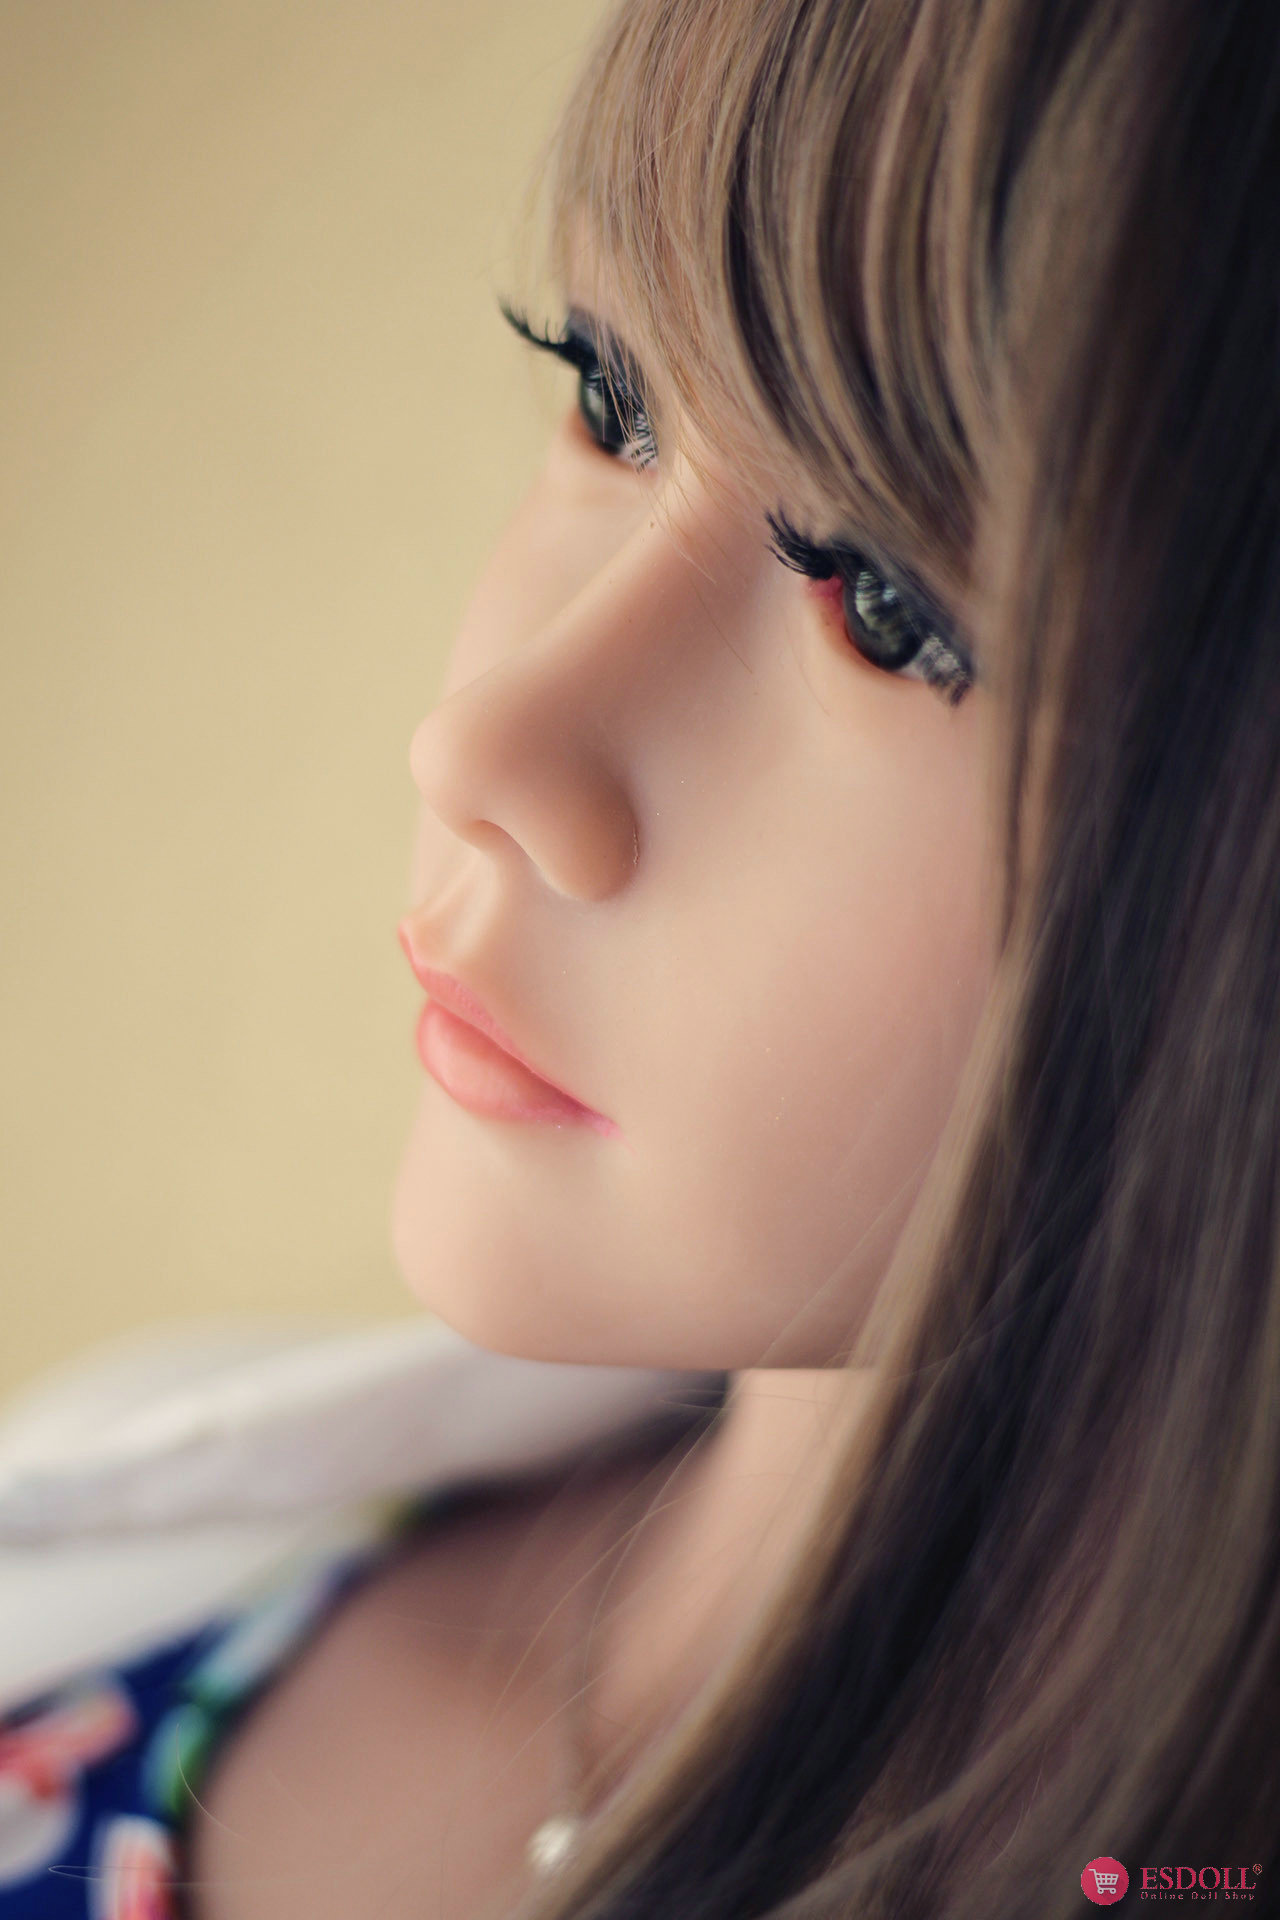 156cm 5.12ft Nicky sex doll - 2